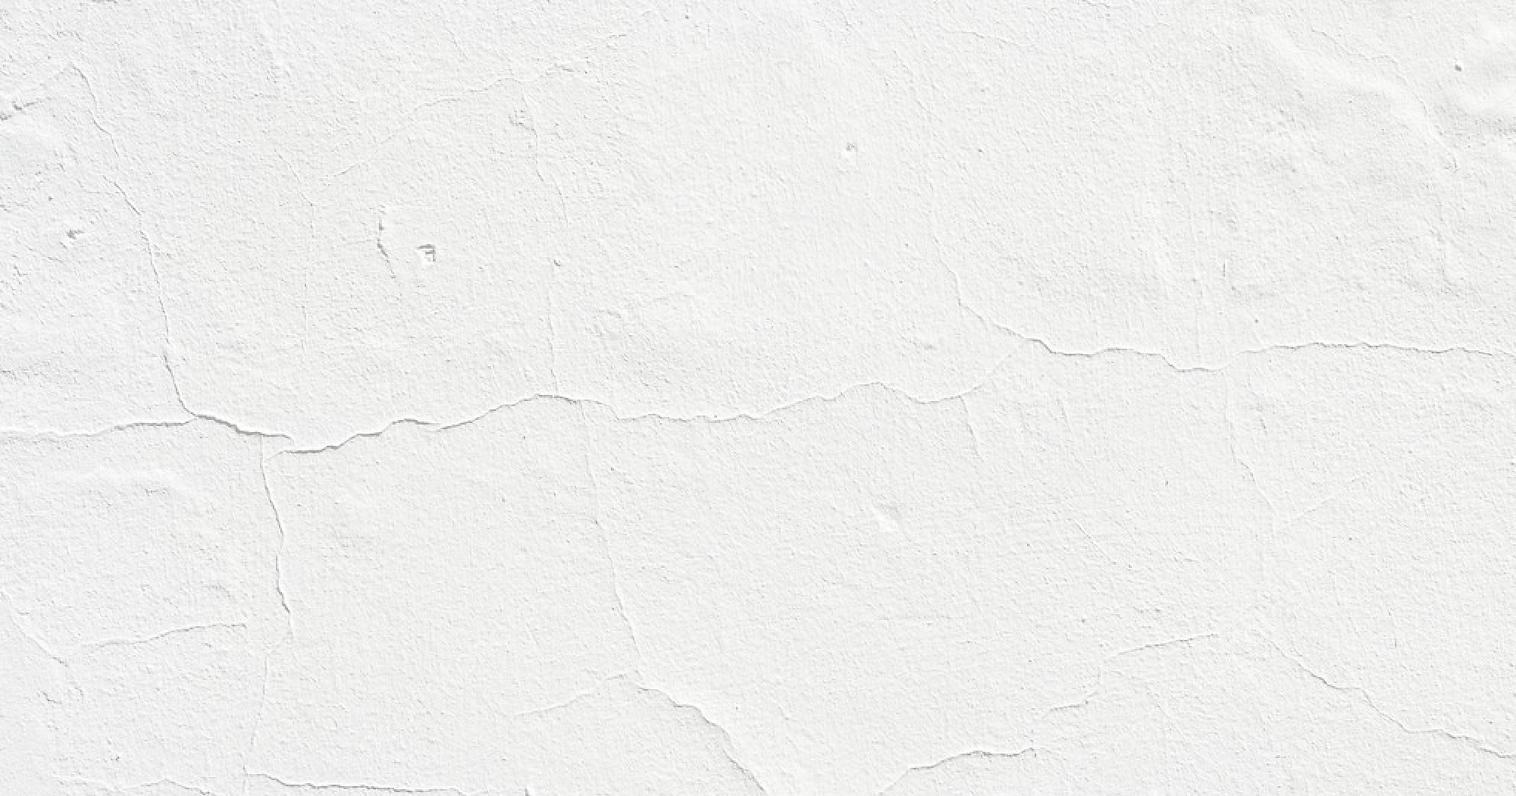 Blank 2000 x 1050 - 2021-03-27T063341.42